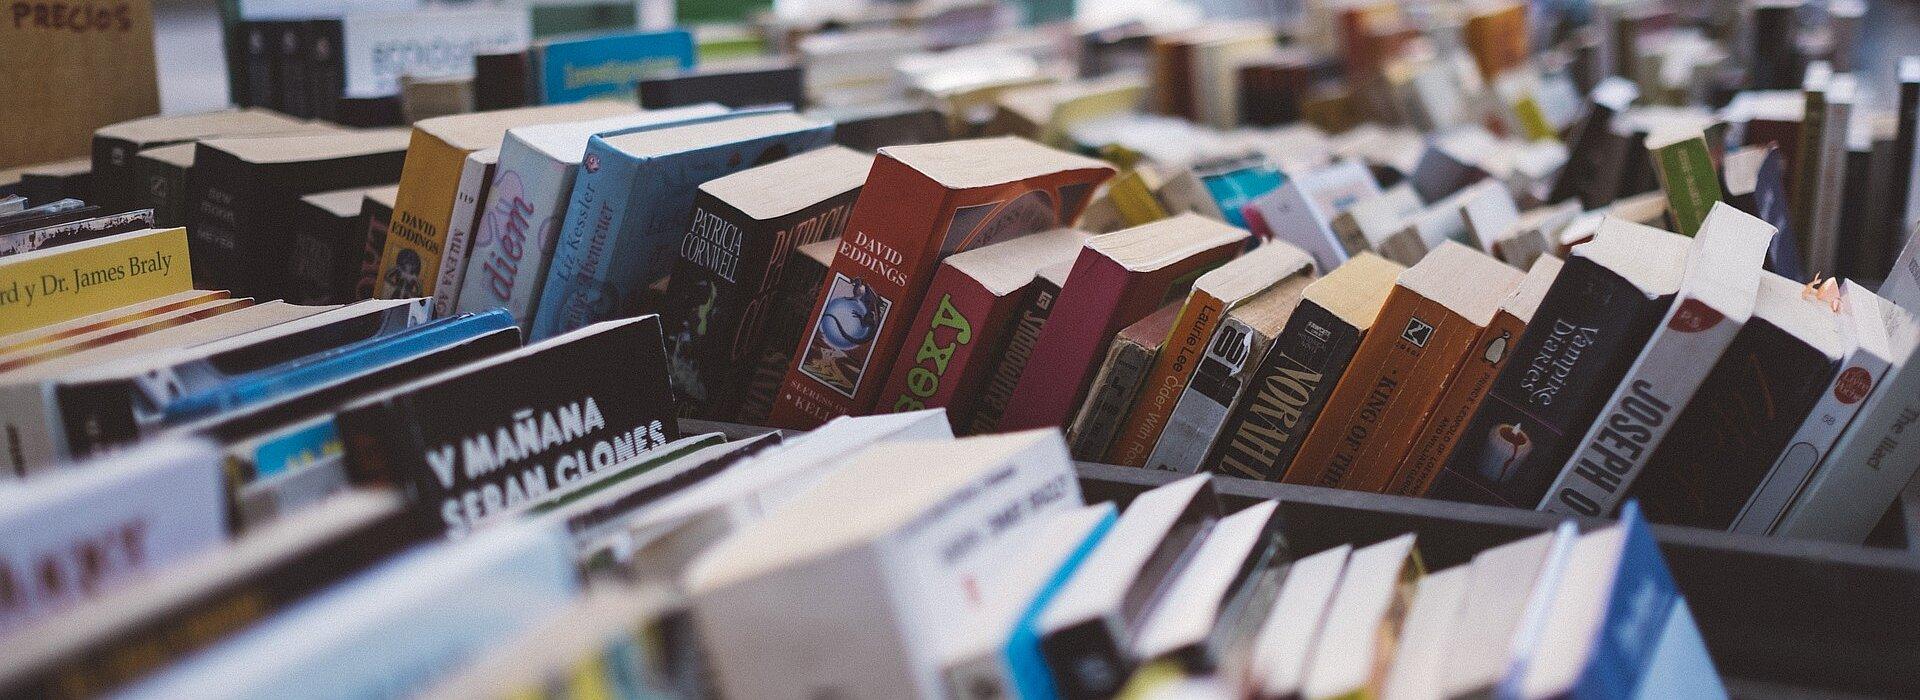 Livros organizados.